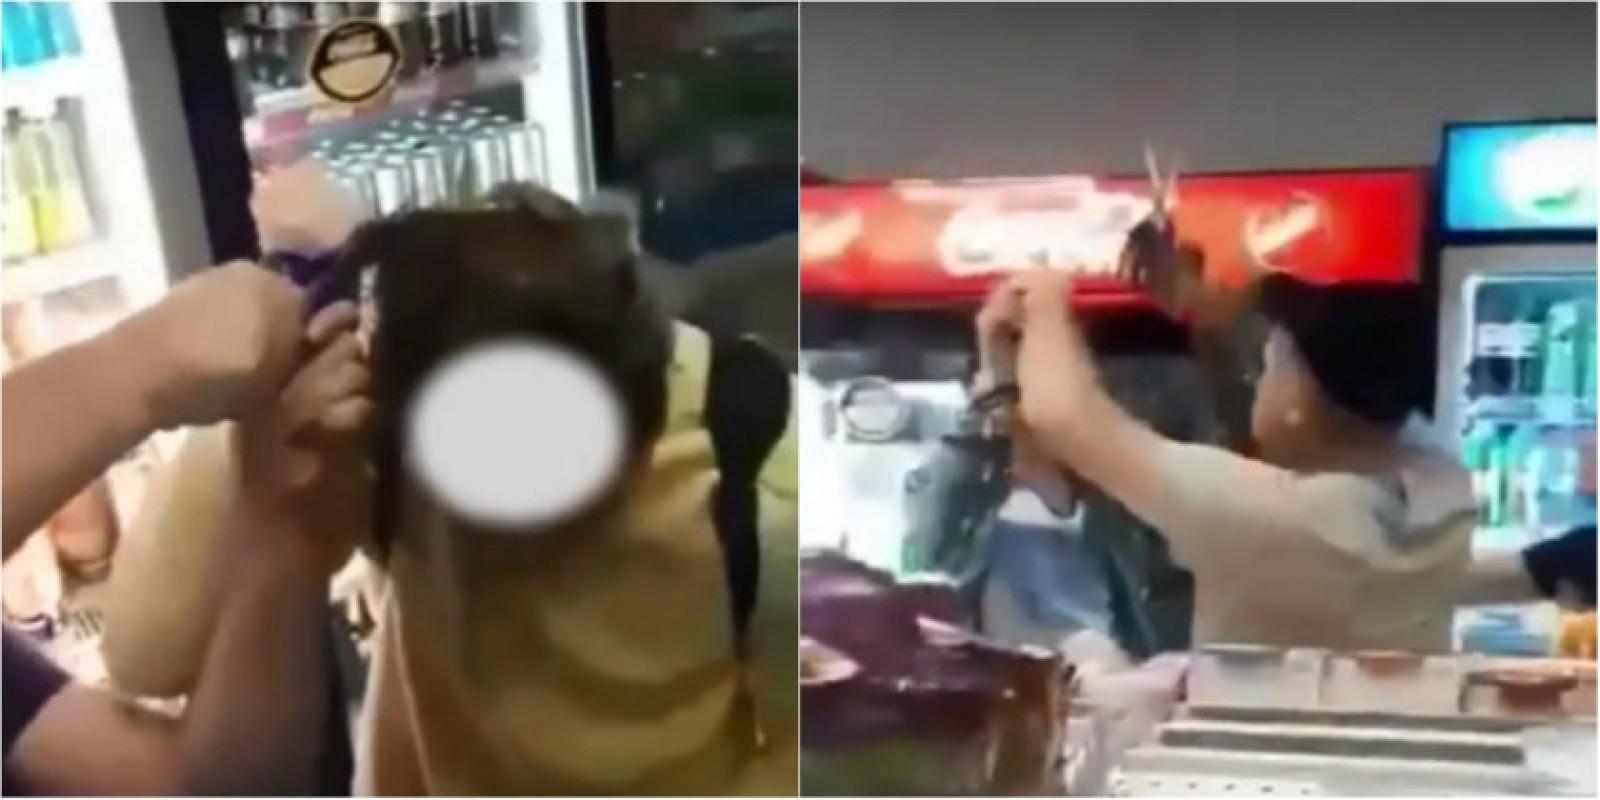 (video) Doi băieți, umiliți și tunși cu forța la o benzinărie din Călărași de către un grup de persoane sub influența băuturilor alcoolice